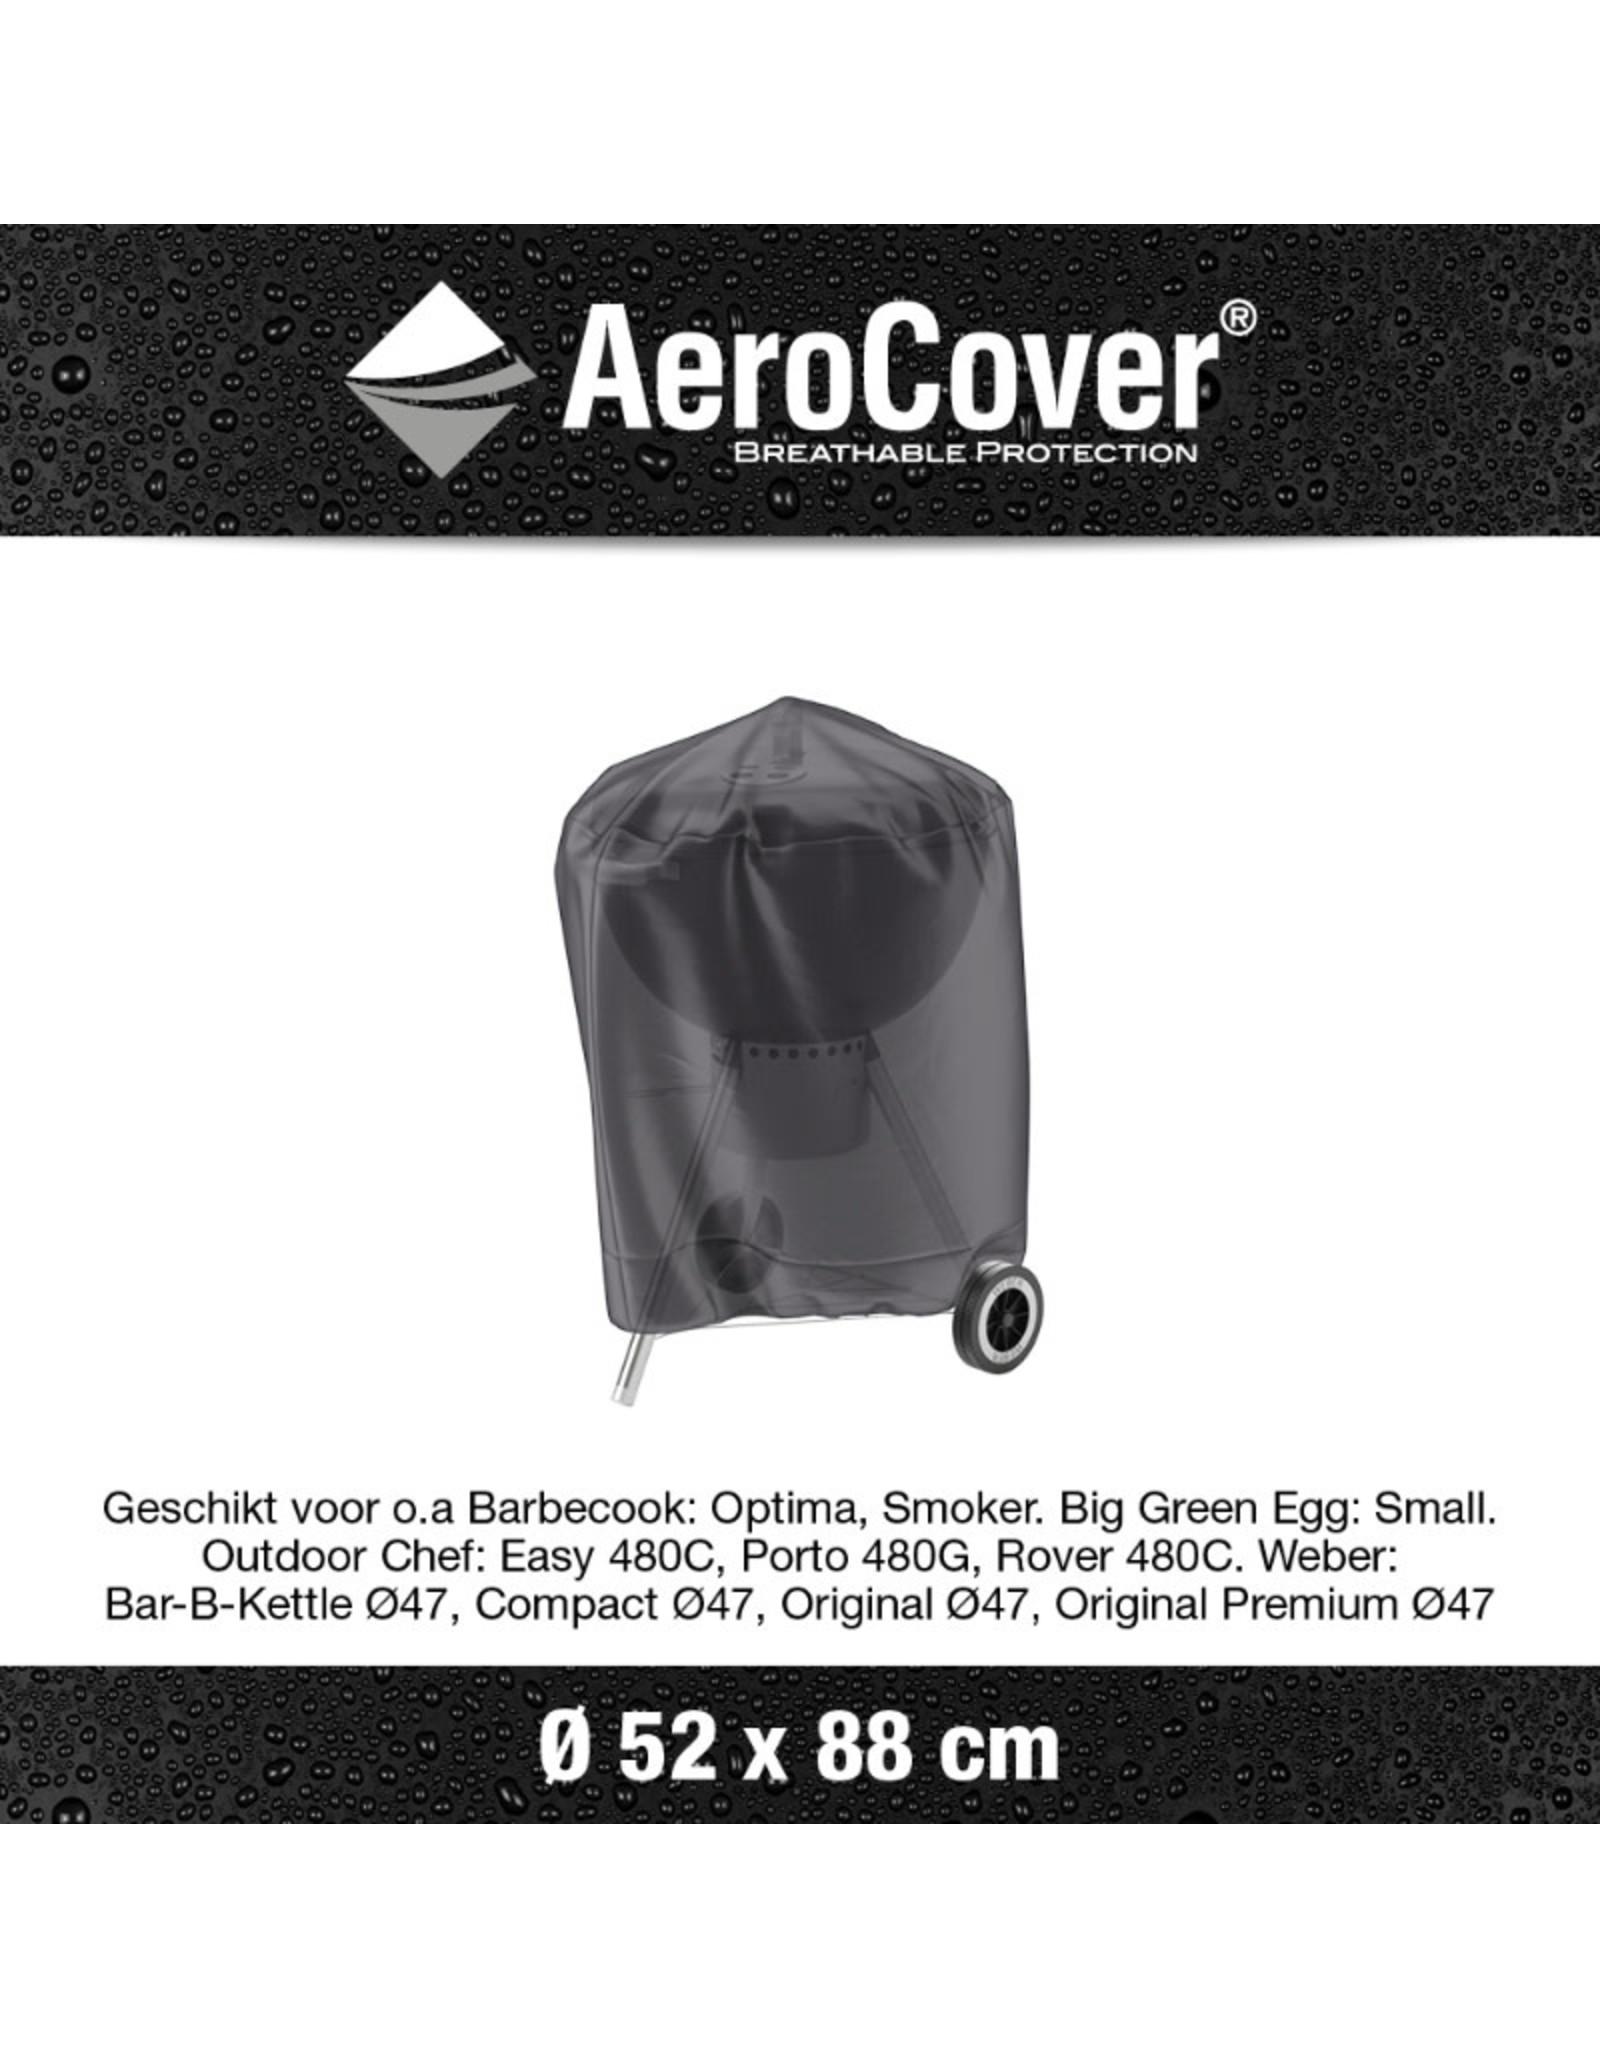 Aerocover AeroCover BBQ cover round 52cm